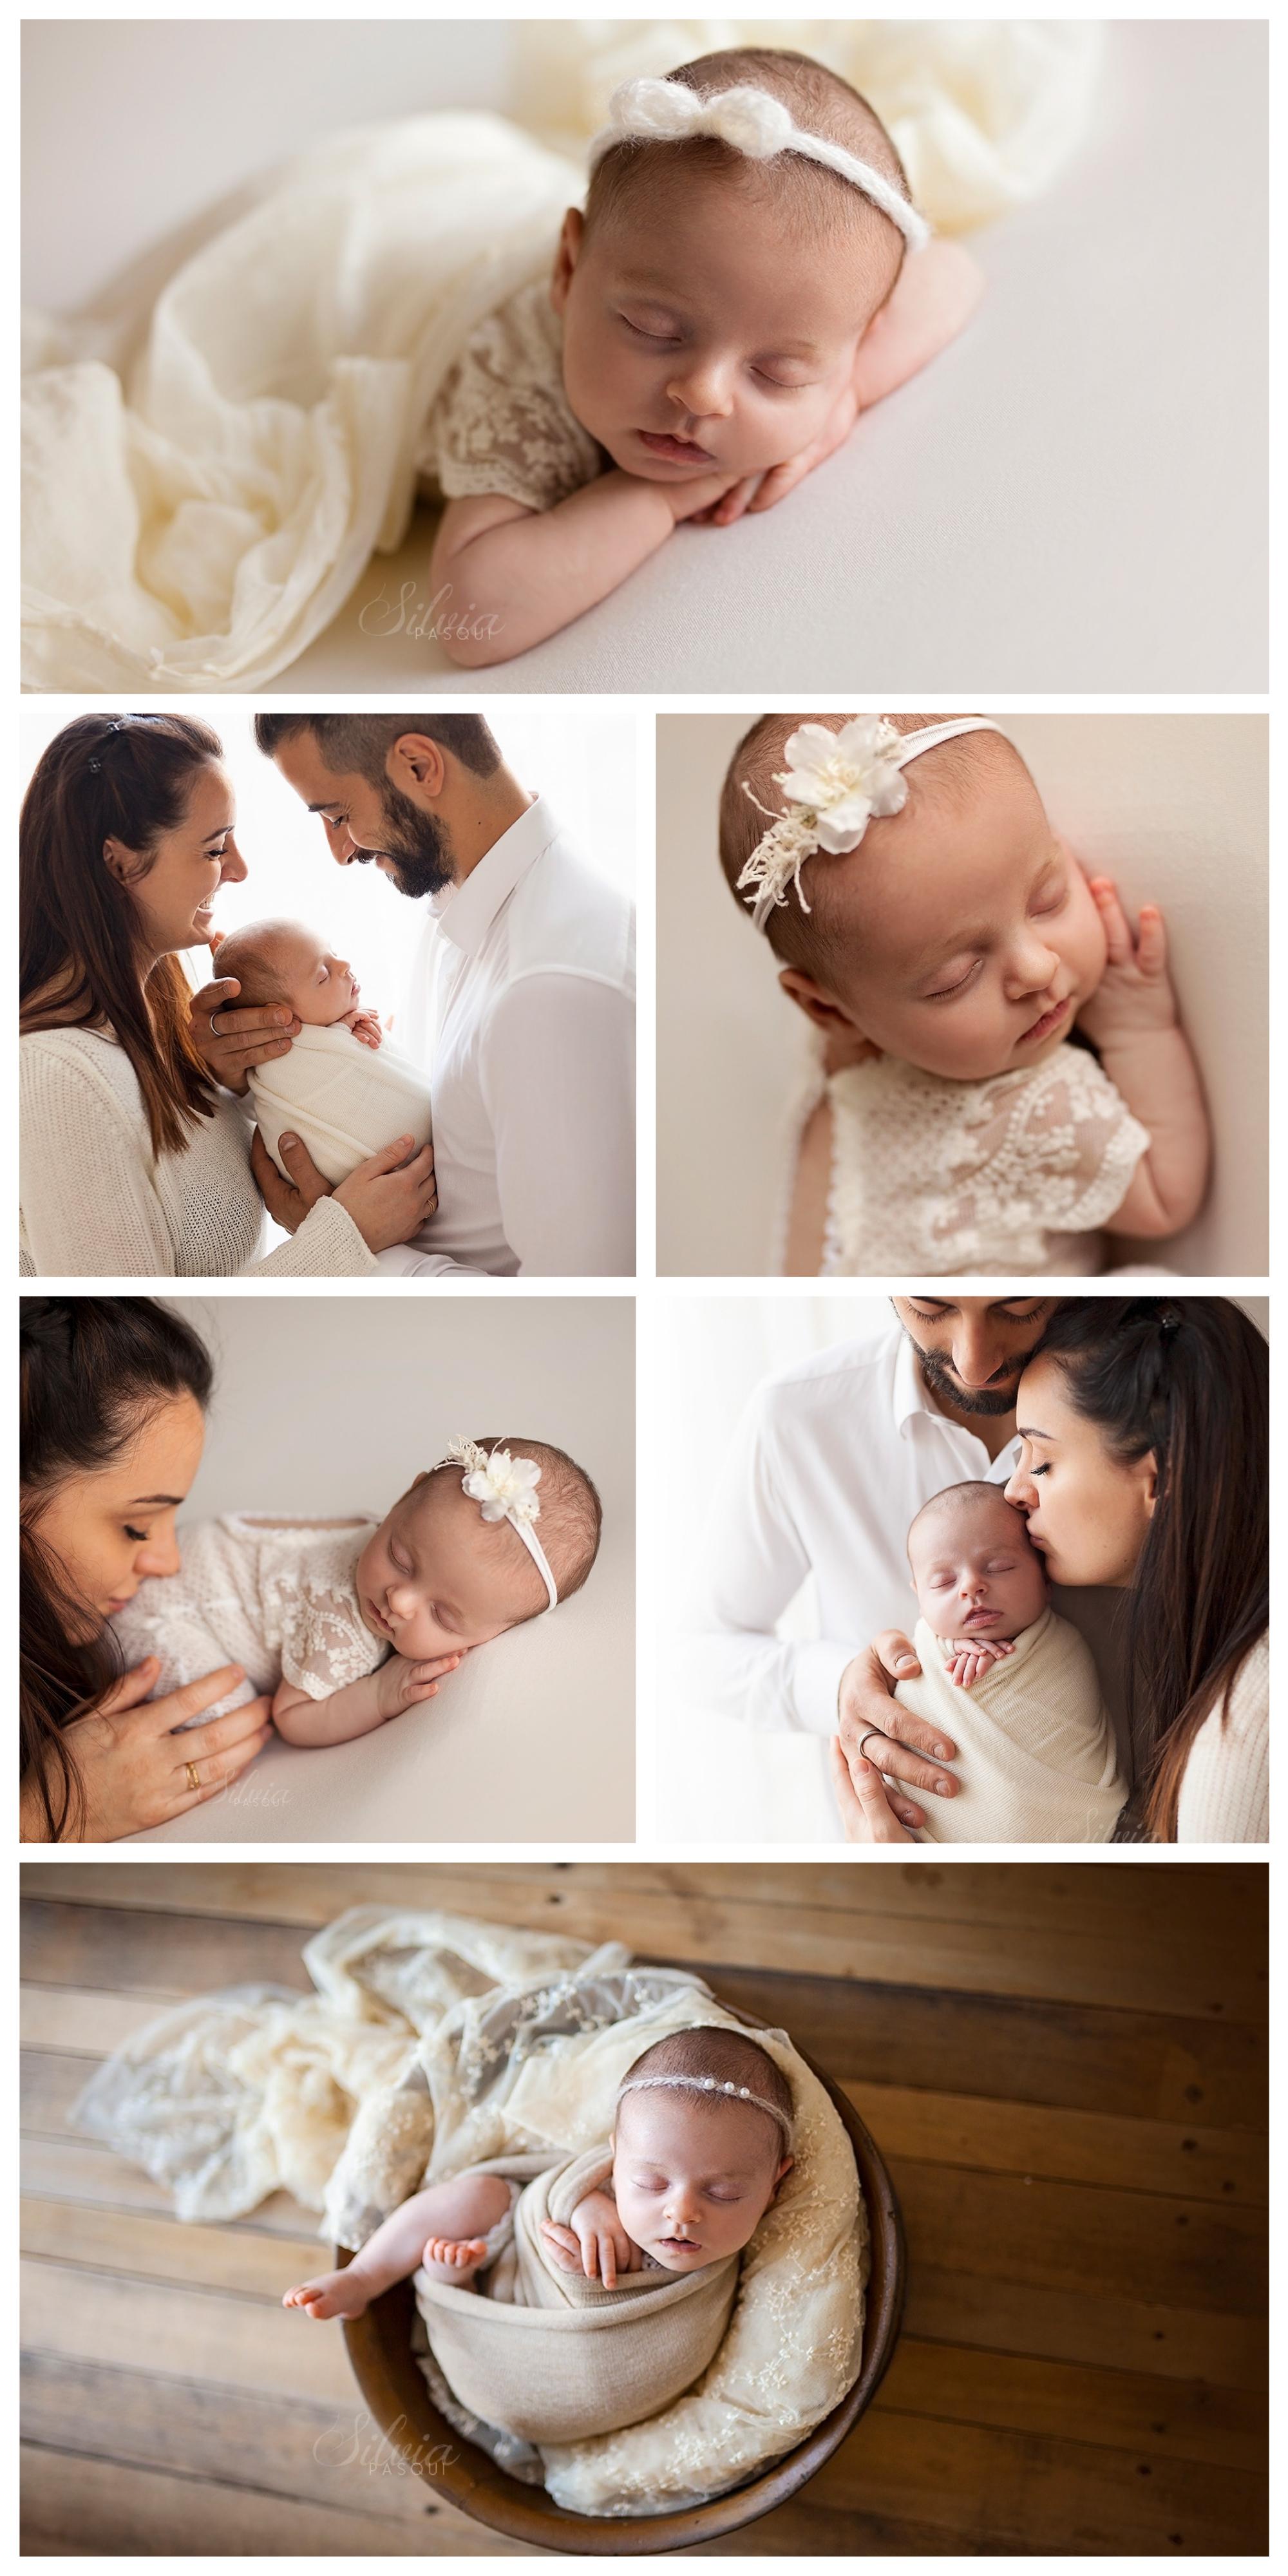 migliore fotografa neonati